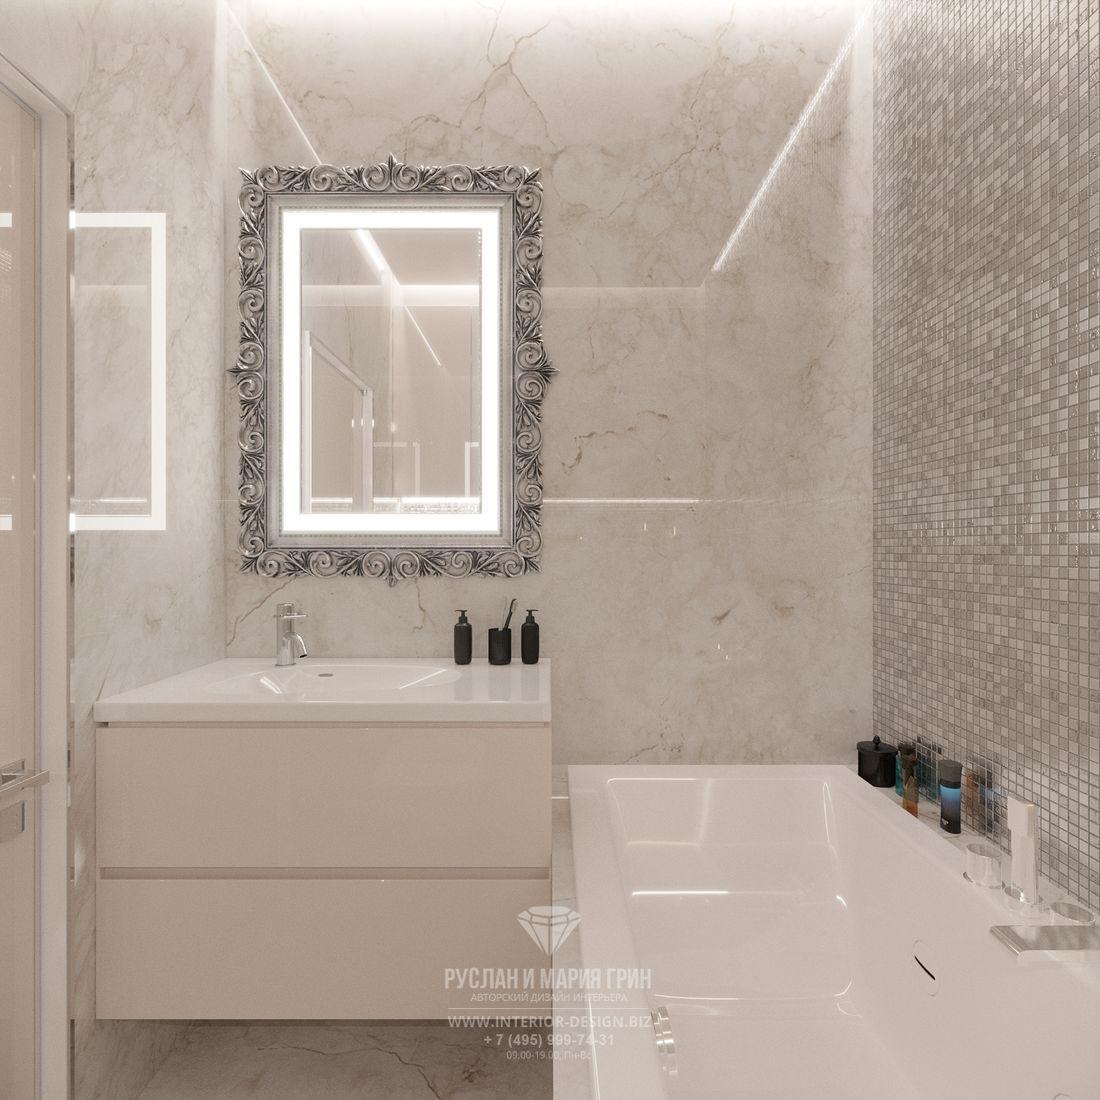 Дизайн ванной комнаты в современном стиле с мраморной отделкой